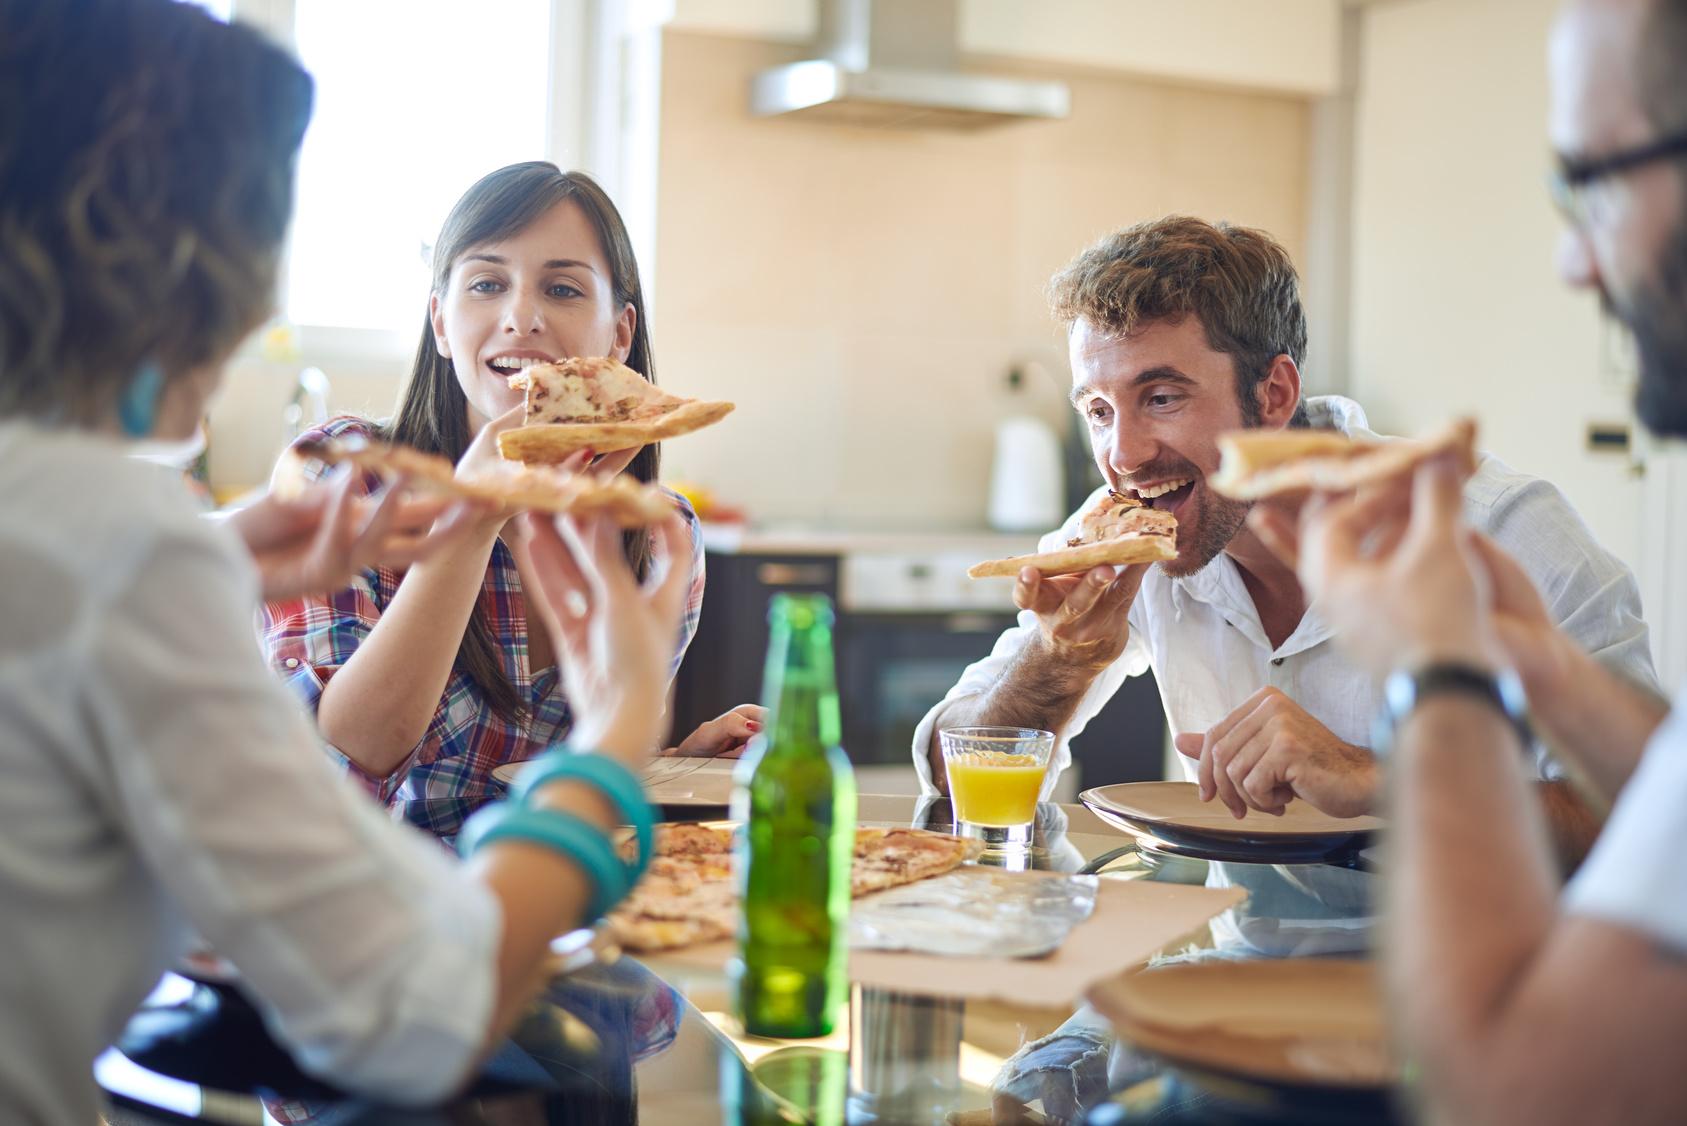 ¿Pedimos unas pizzas? ¡Perfecto!